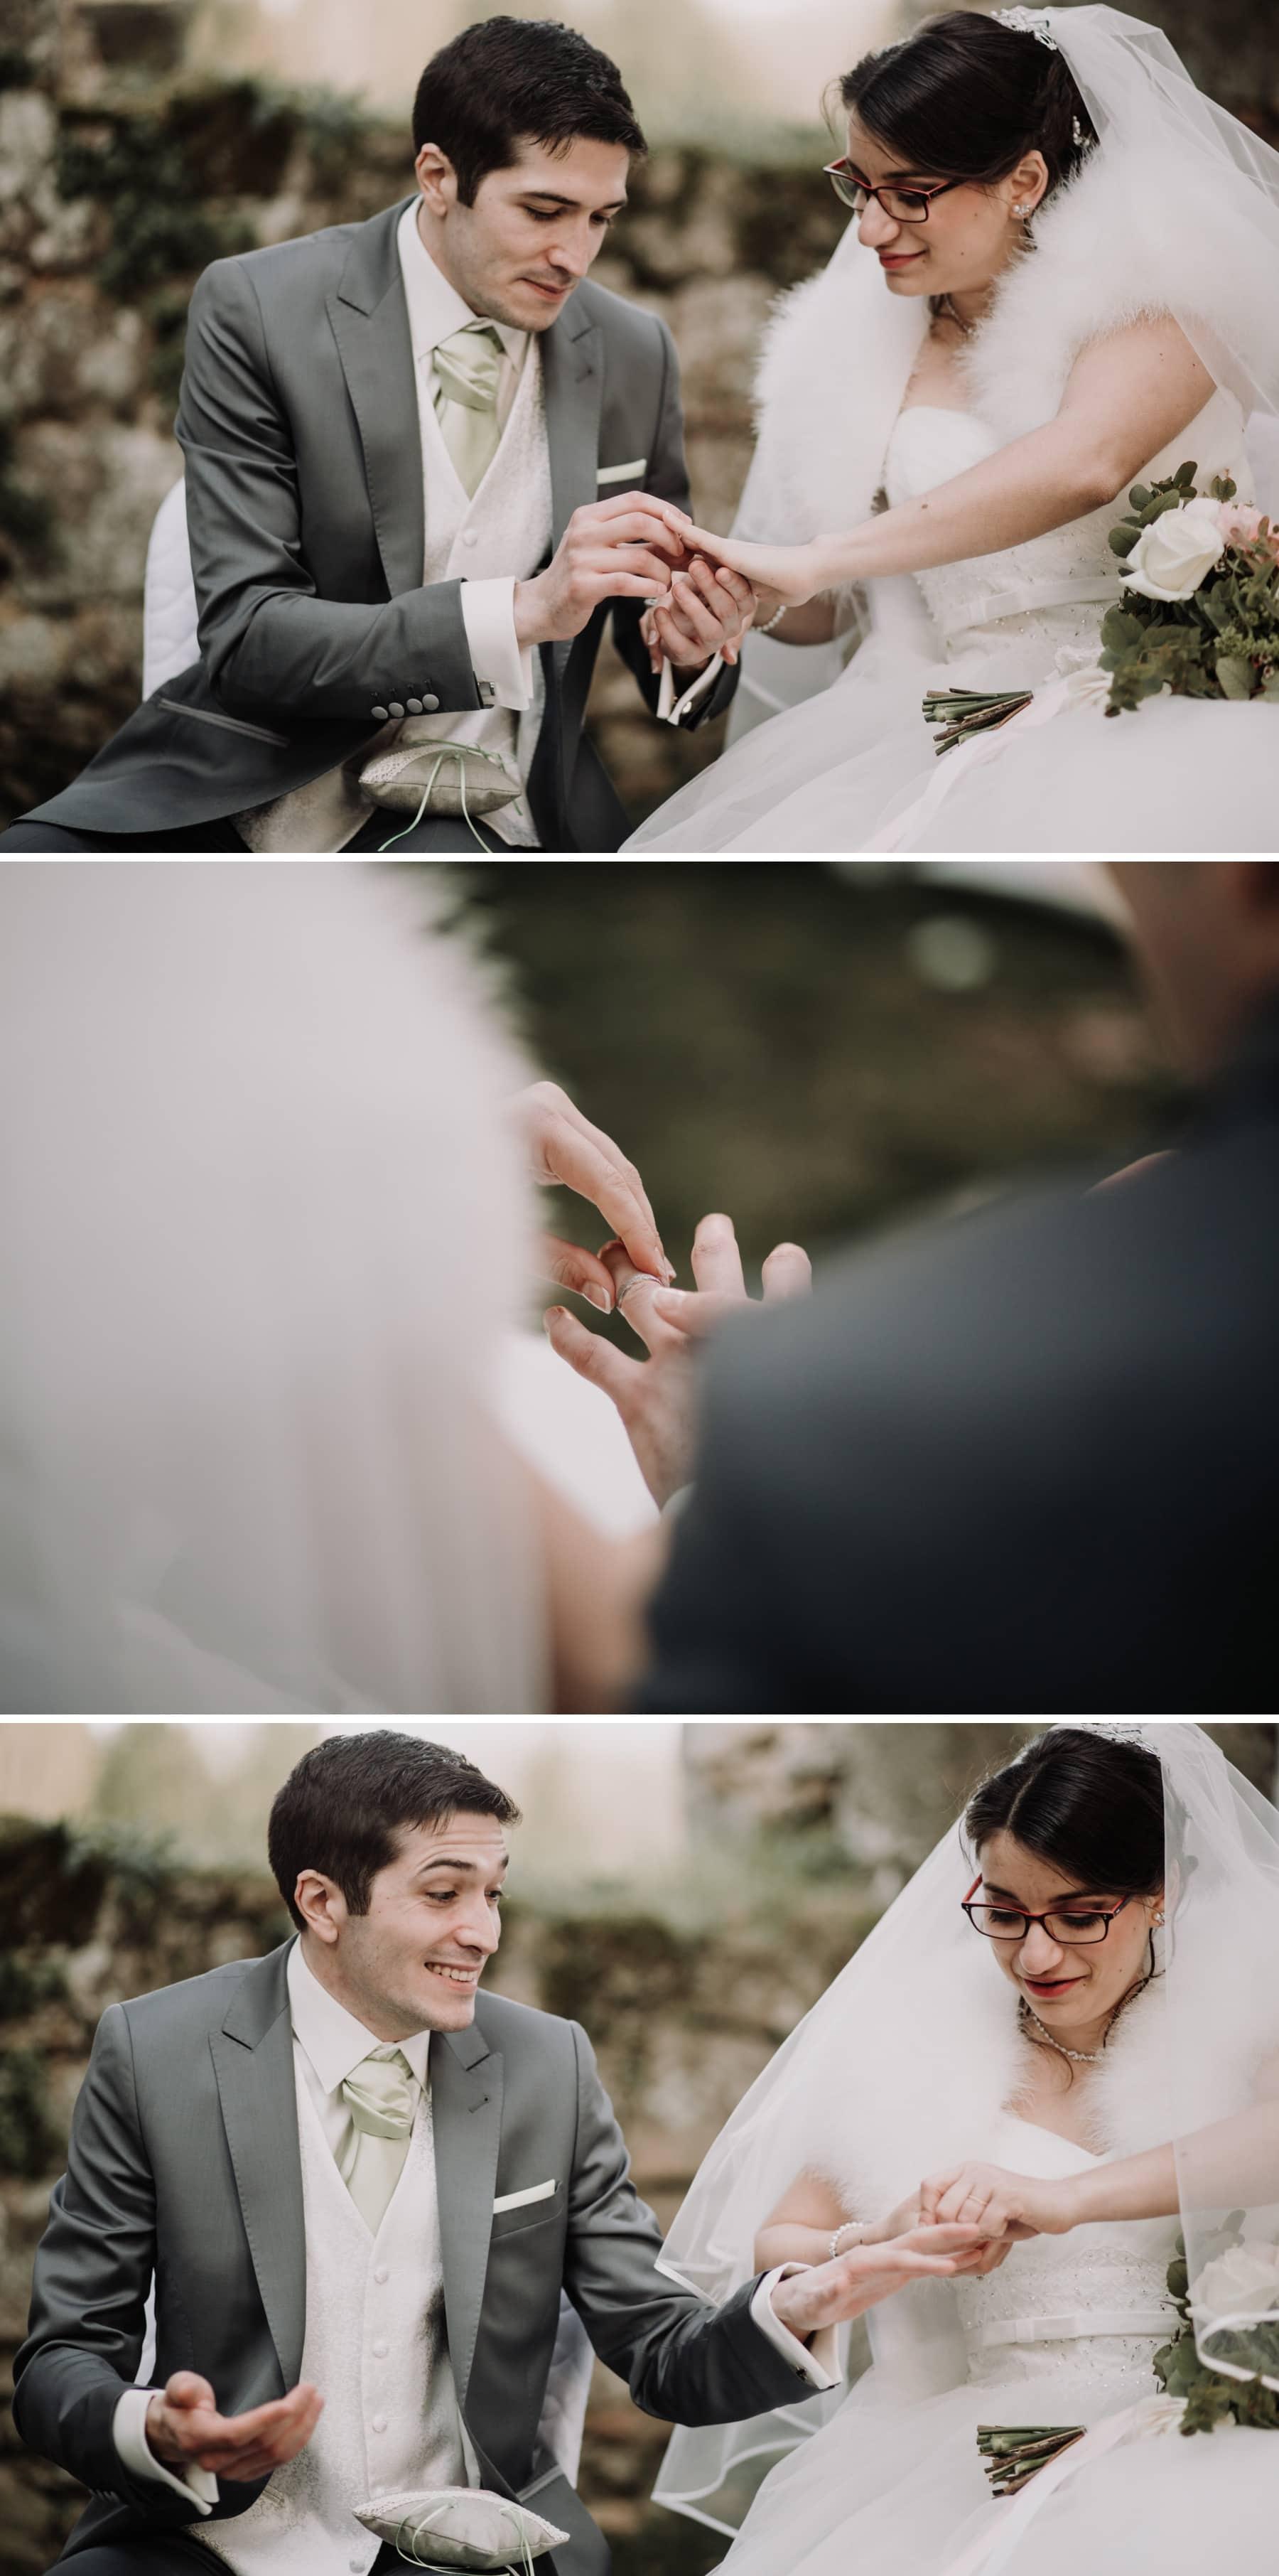 échange des alliances mariage